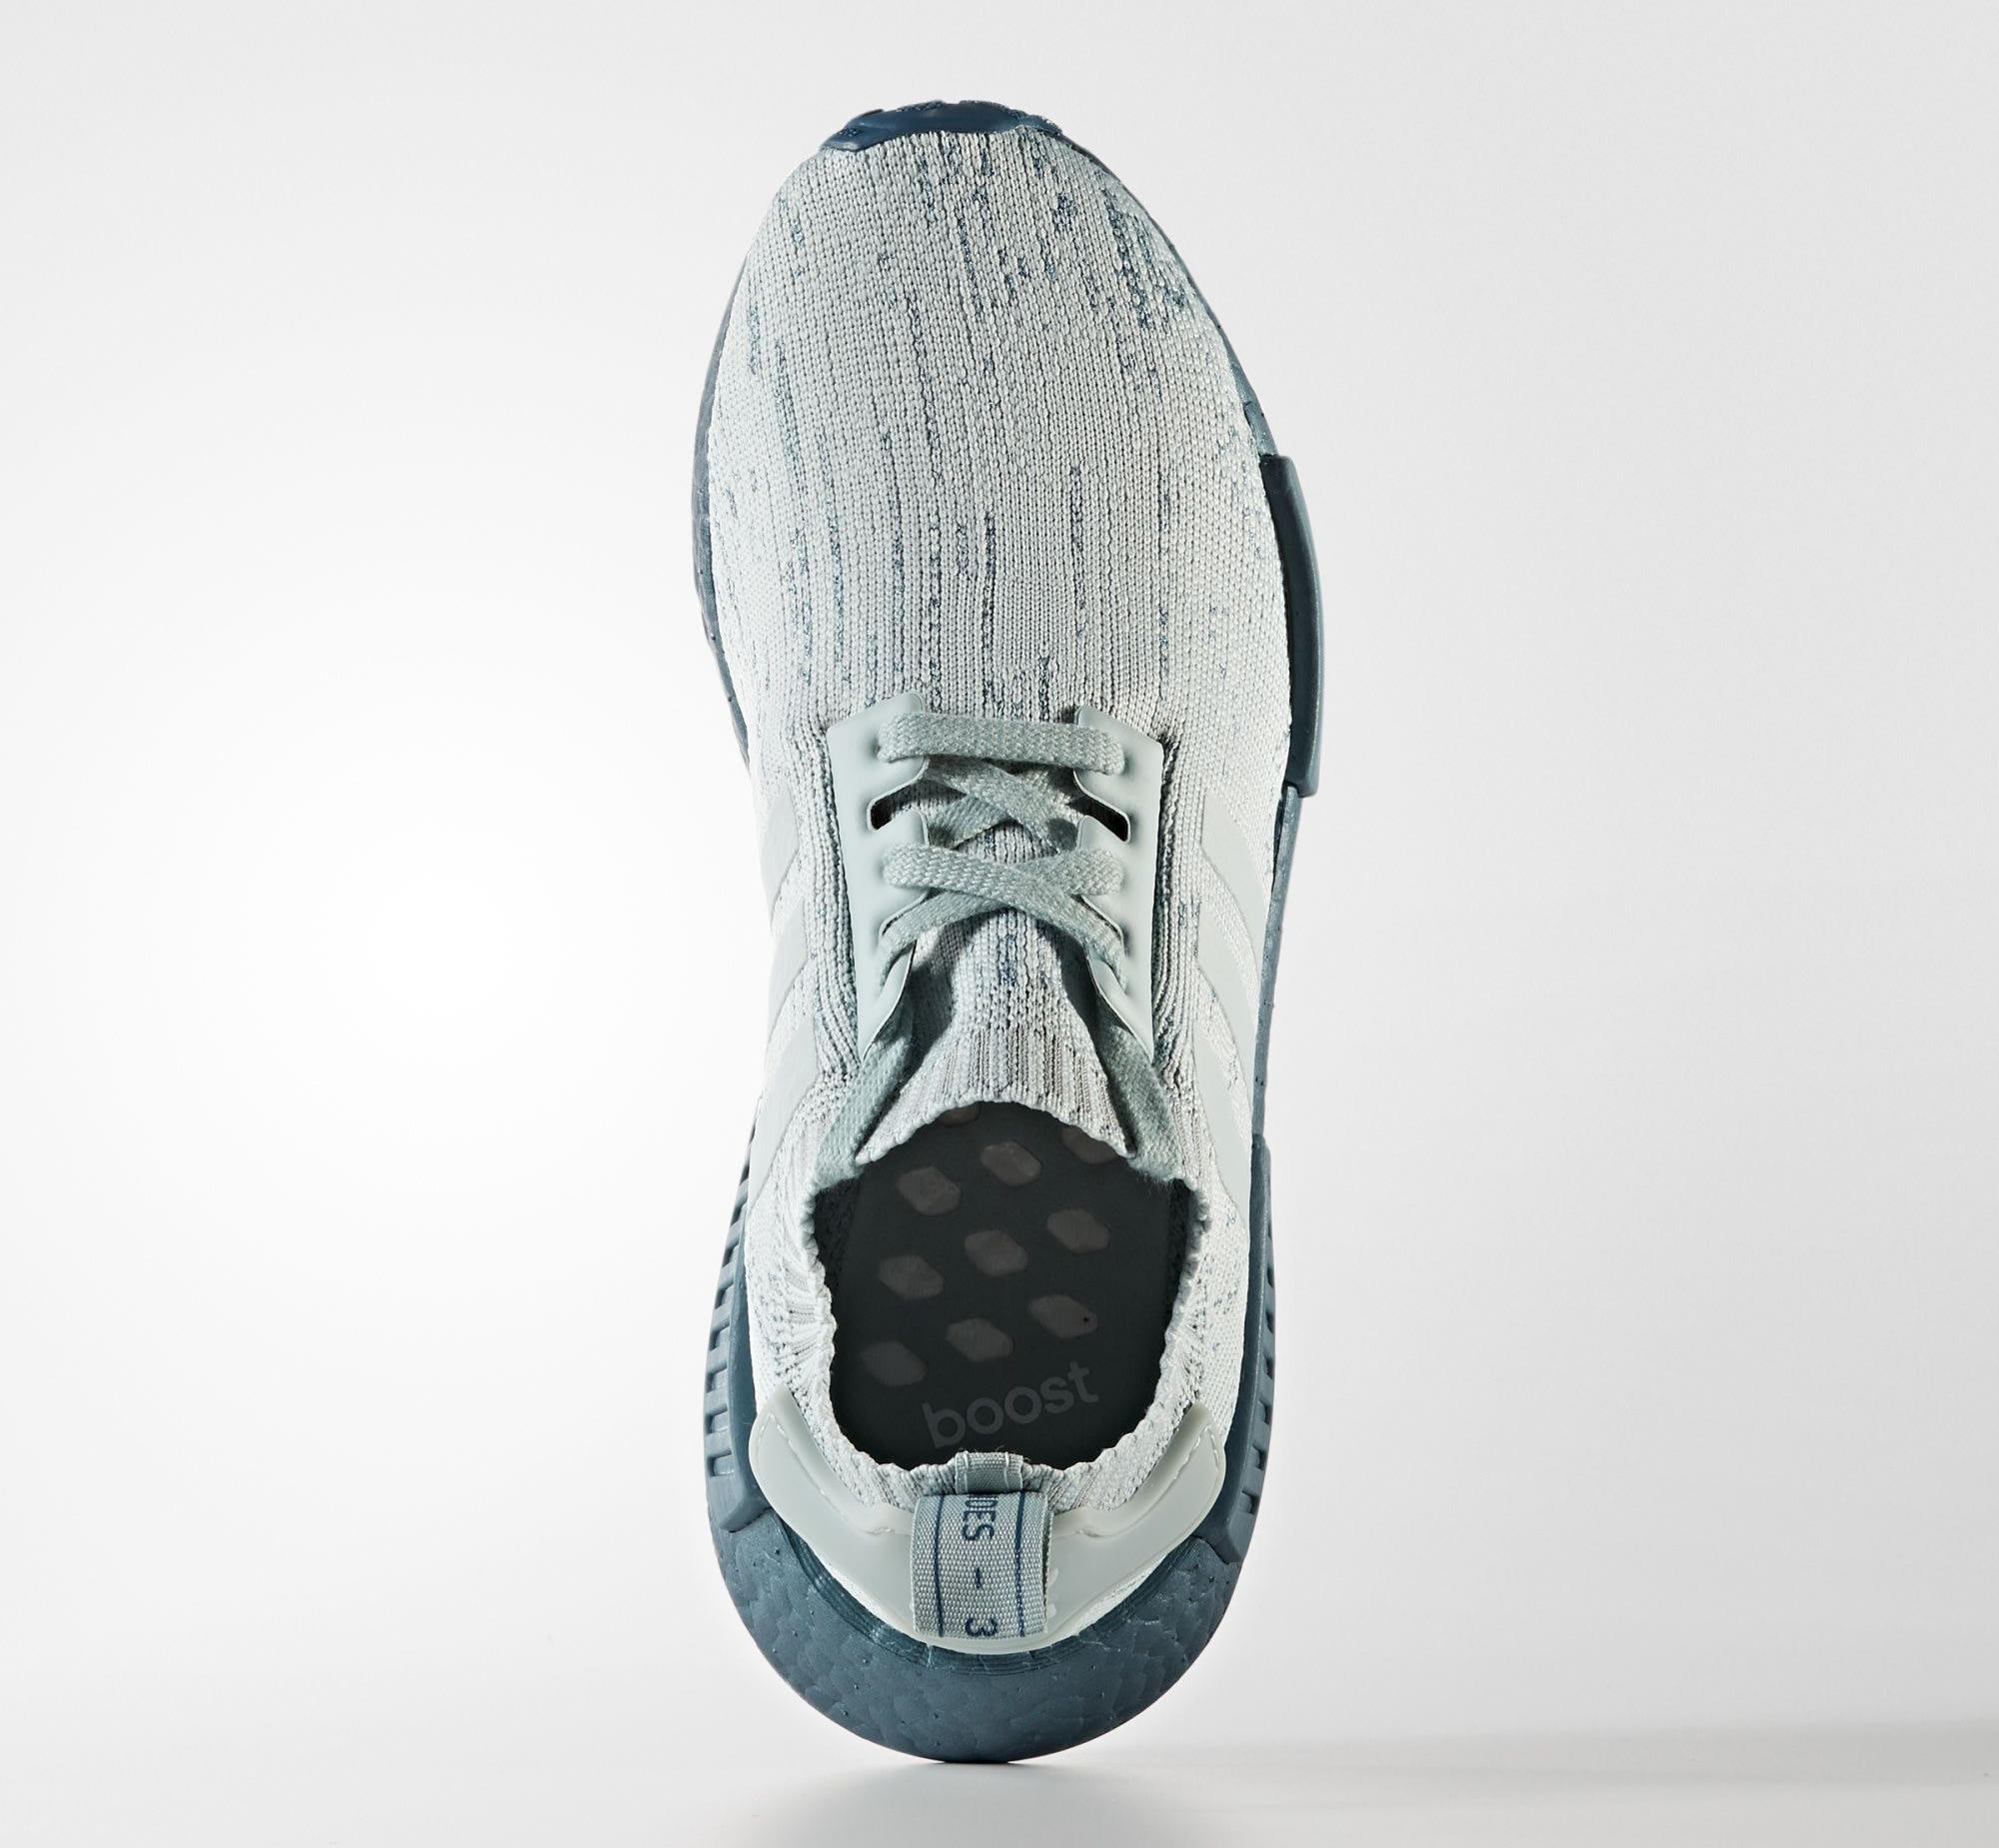 Adidas NMD Blue Grey Glitch Boost CG3601 Top